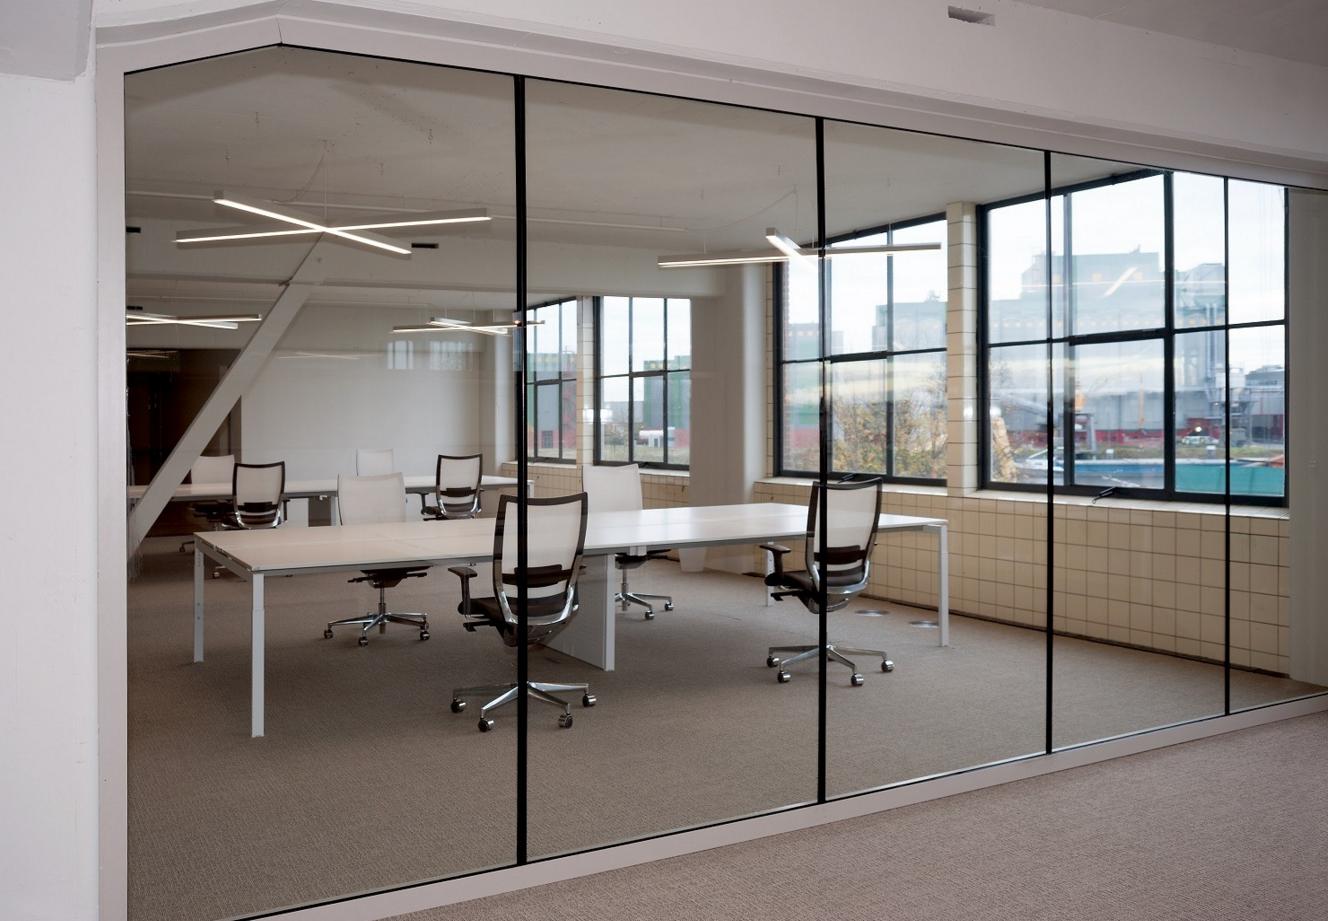 Industri le kantoorinrichting havic kantoormeubelen for Inrichting kantoor